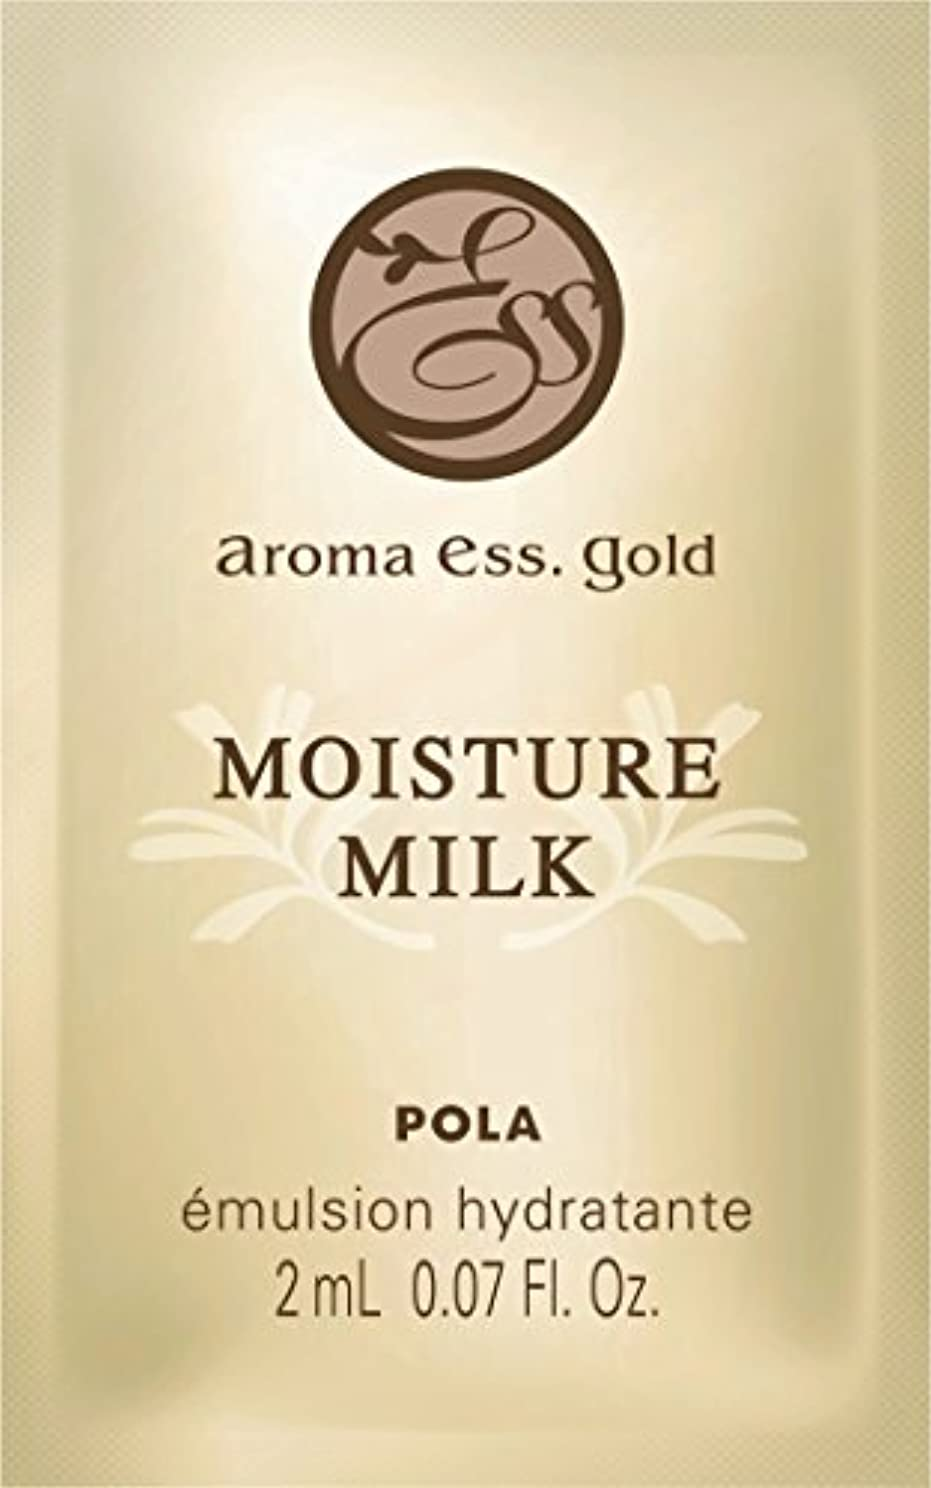 チョコレート組み合わせマイクロフォンPOLA アロマエッセゴールド モイスチャーミルク 乳液 個包装タイプ 2mL×100包